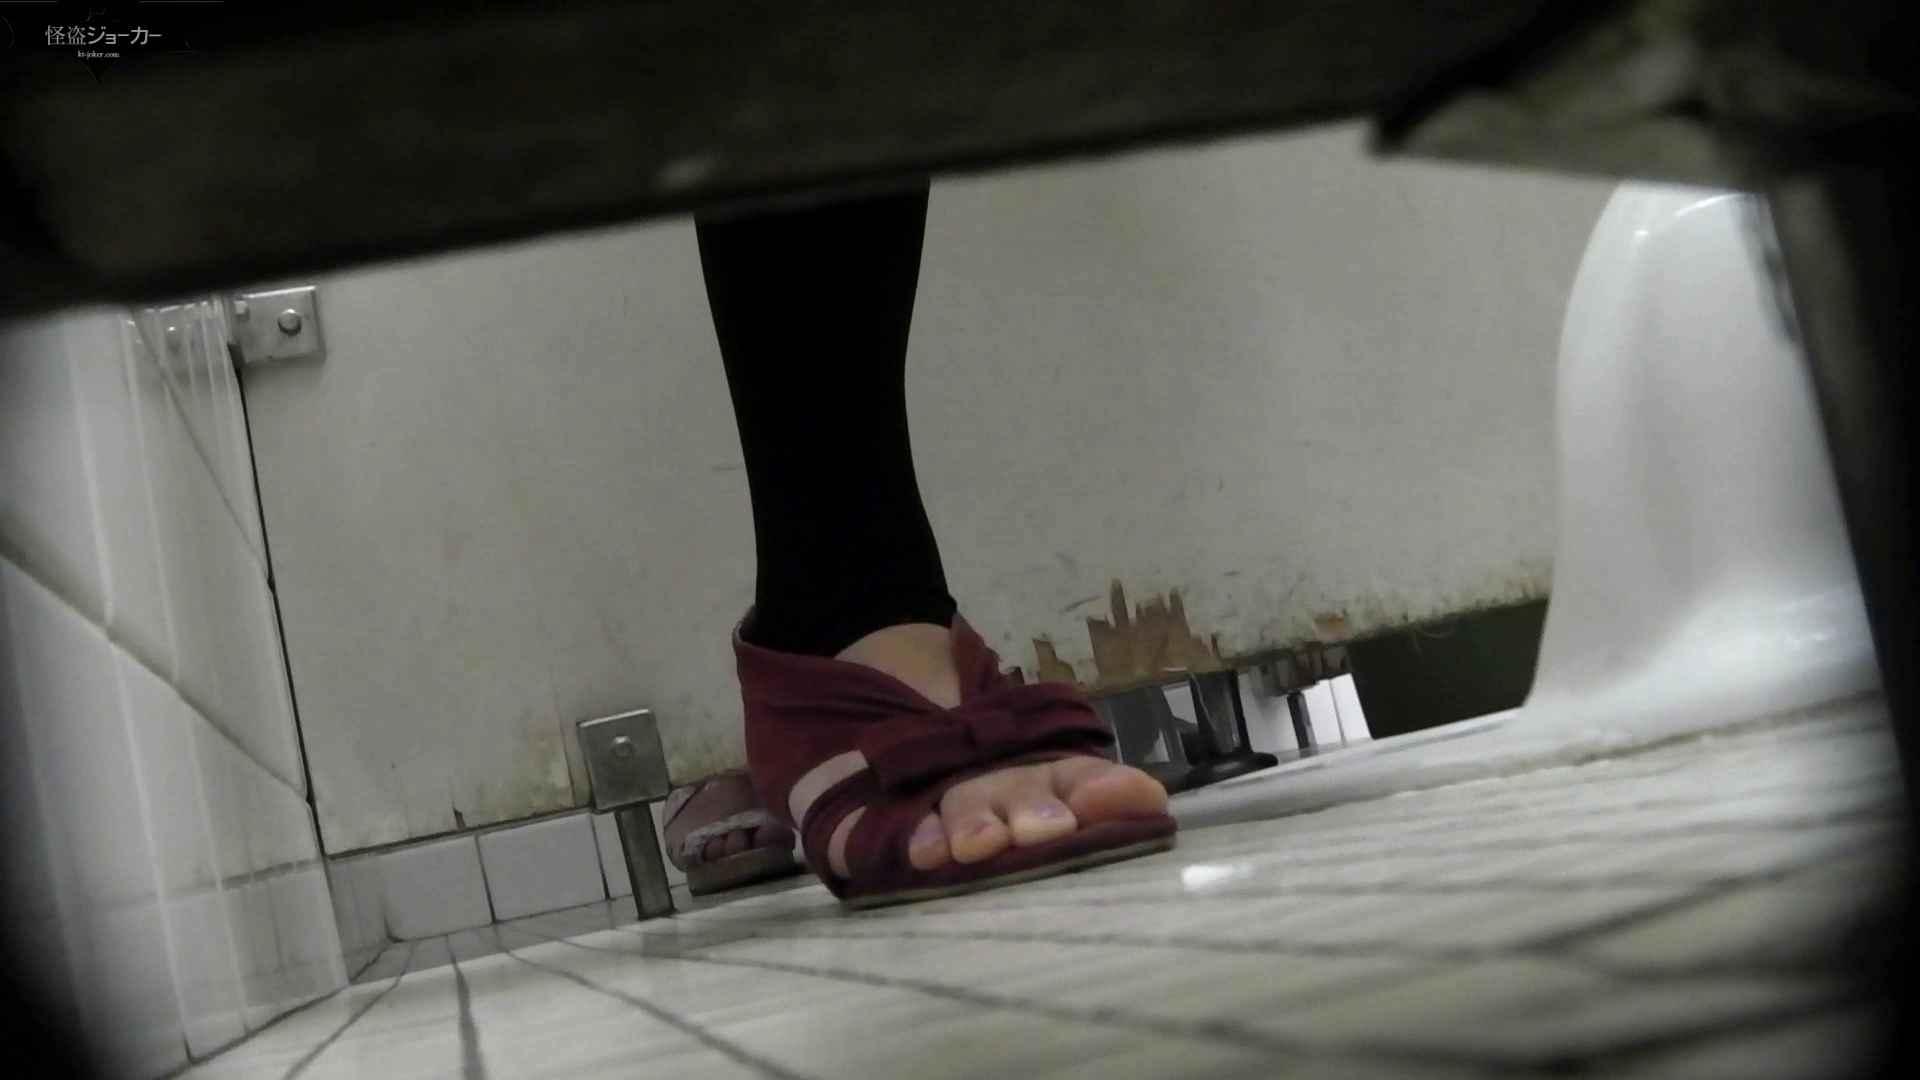 【美しき個室な世界】洗面所特攻隊 vol.051 洗面所 | OLの実態  49pic 1